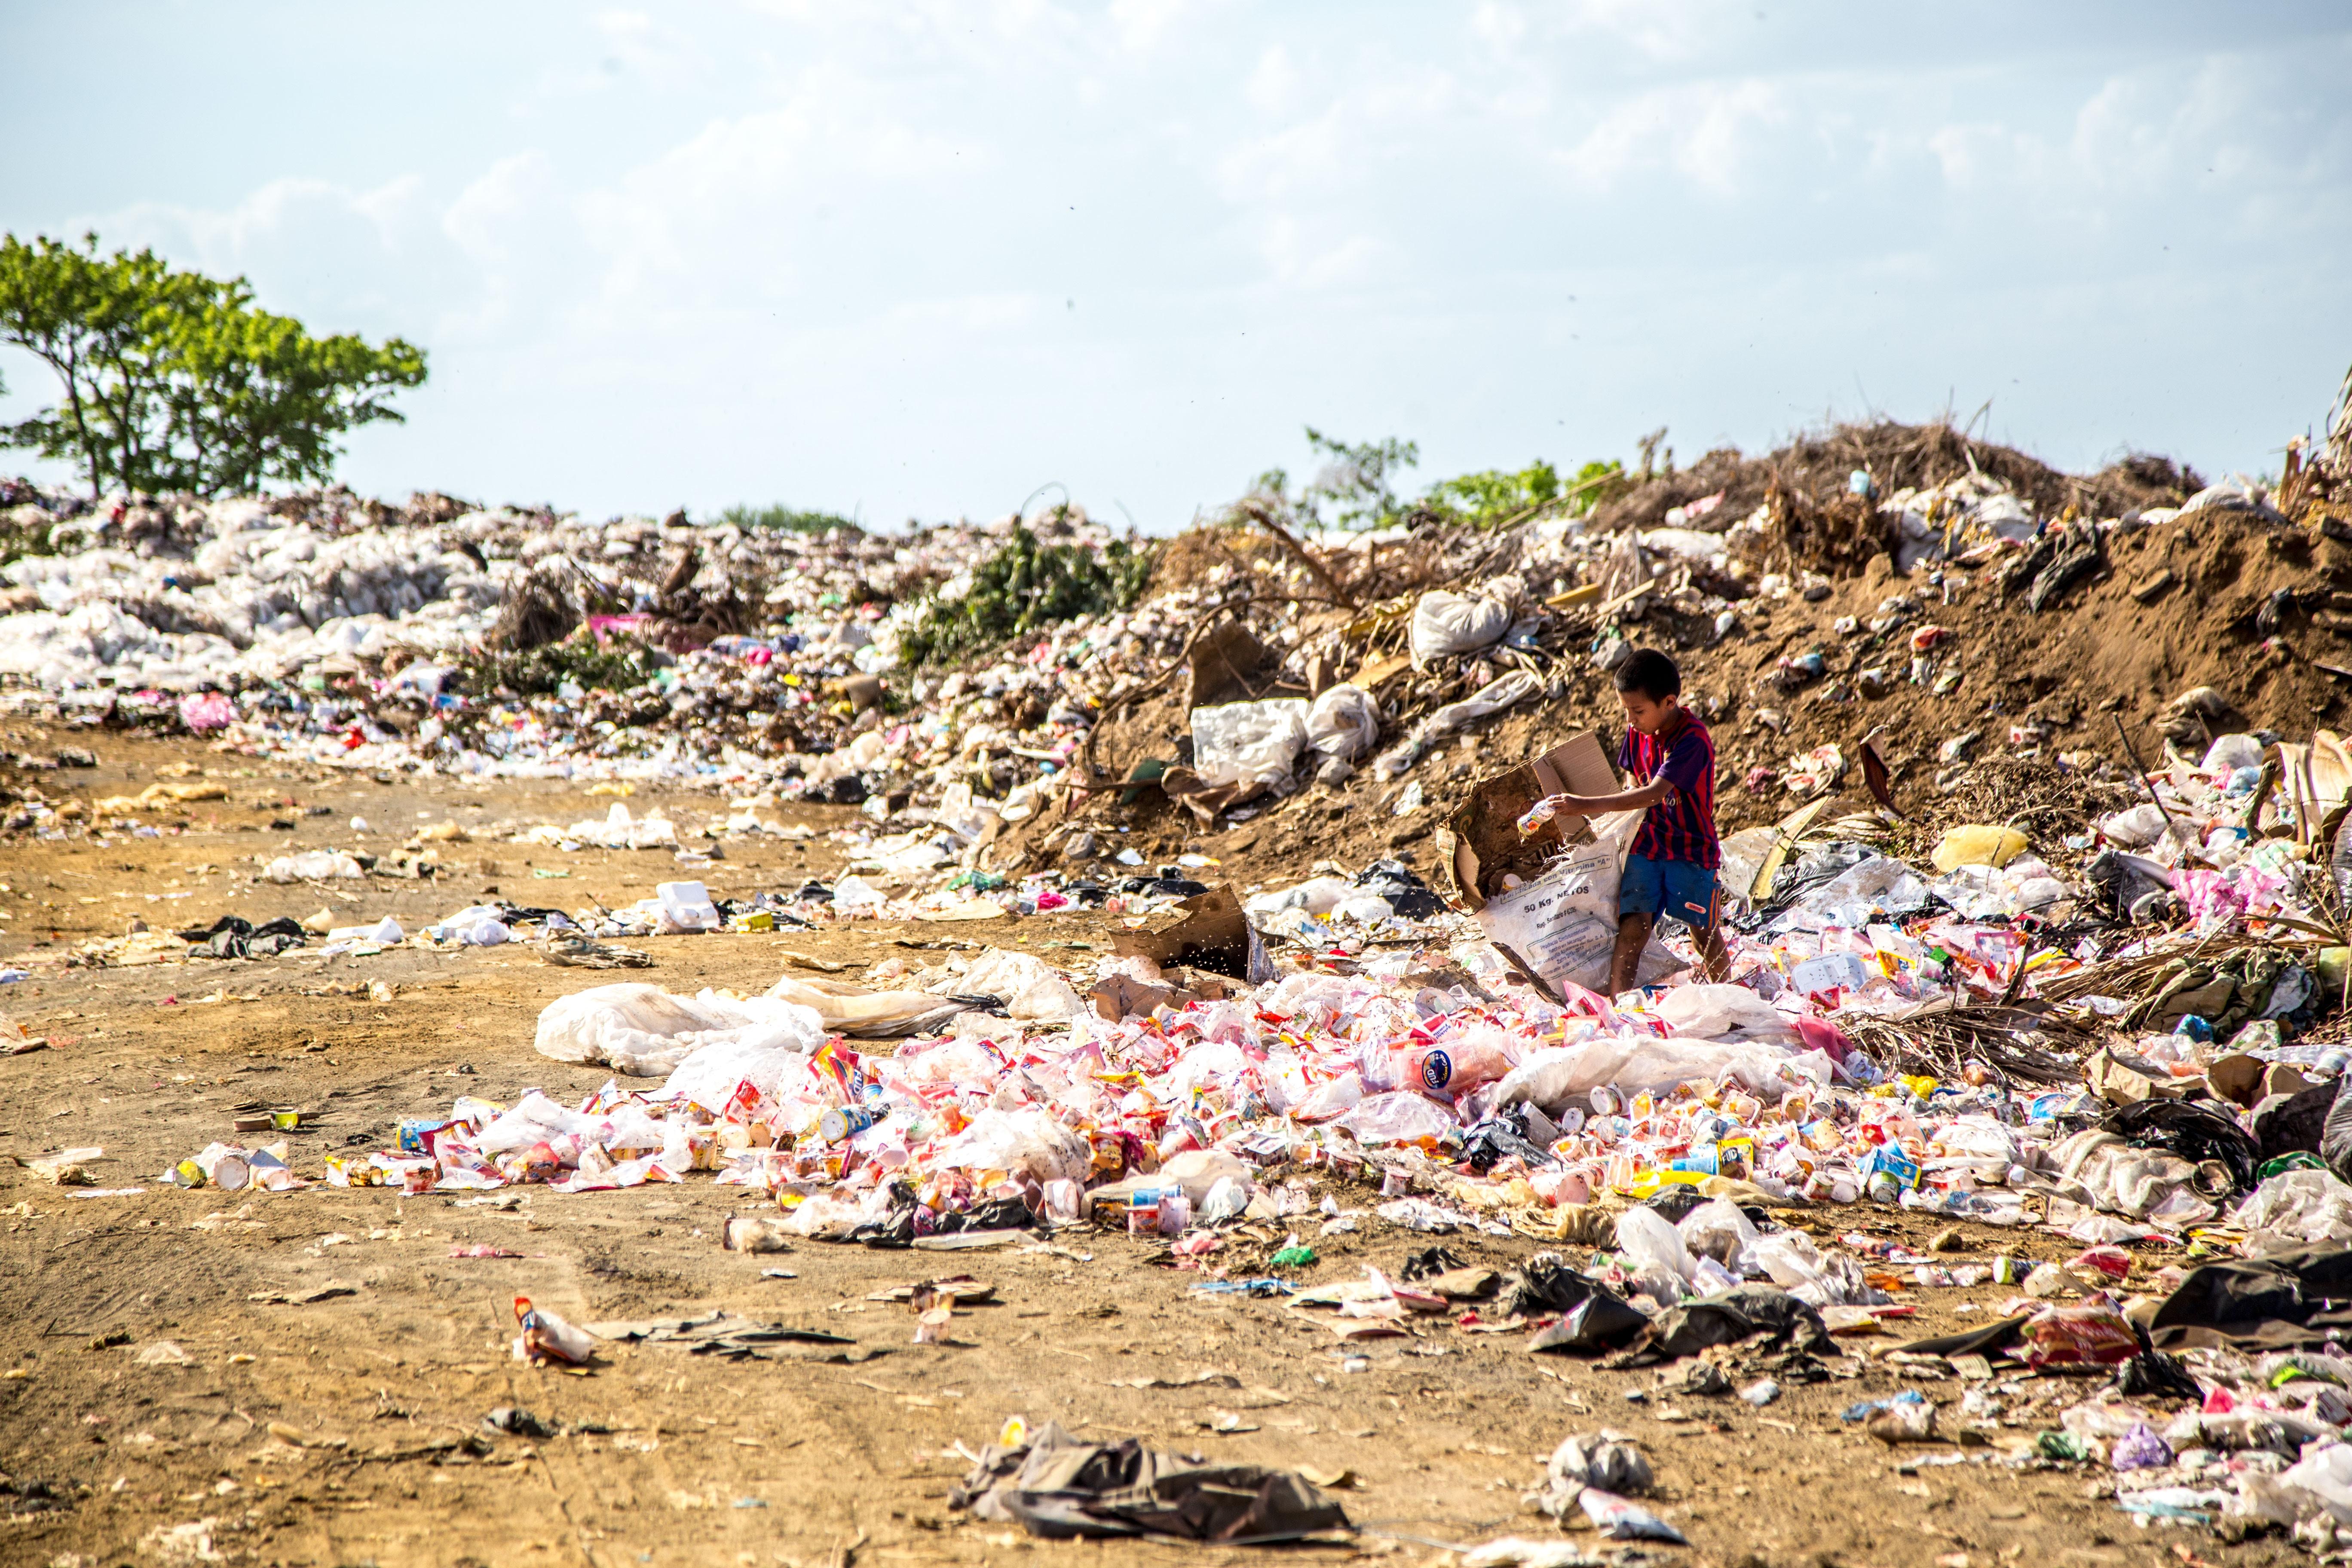 Cada habitante de CDMX genera 1.4 kilos de basura cada día, dice Conacyt